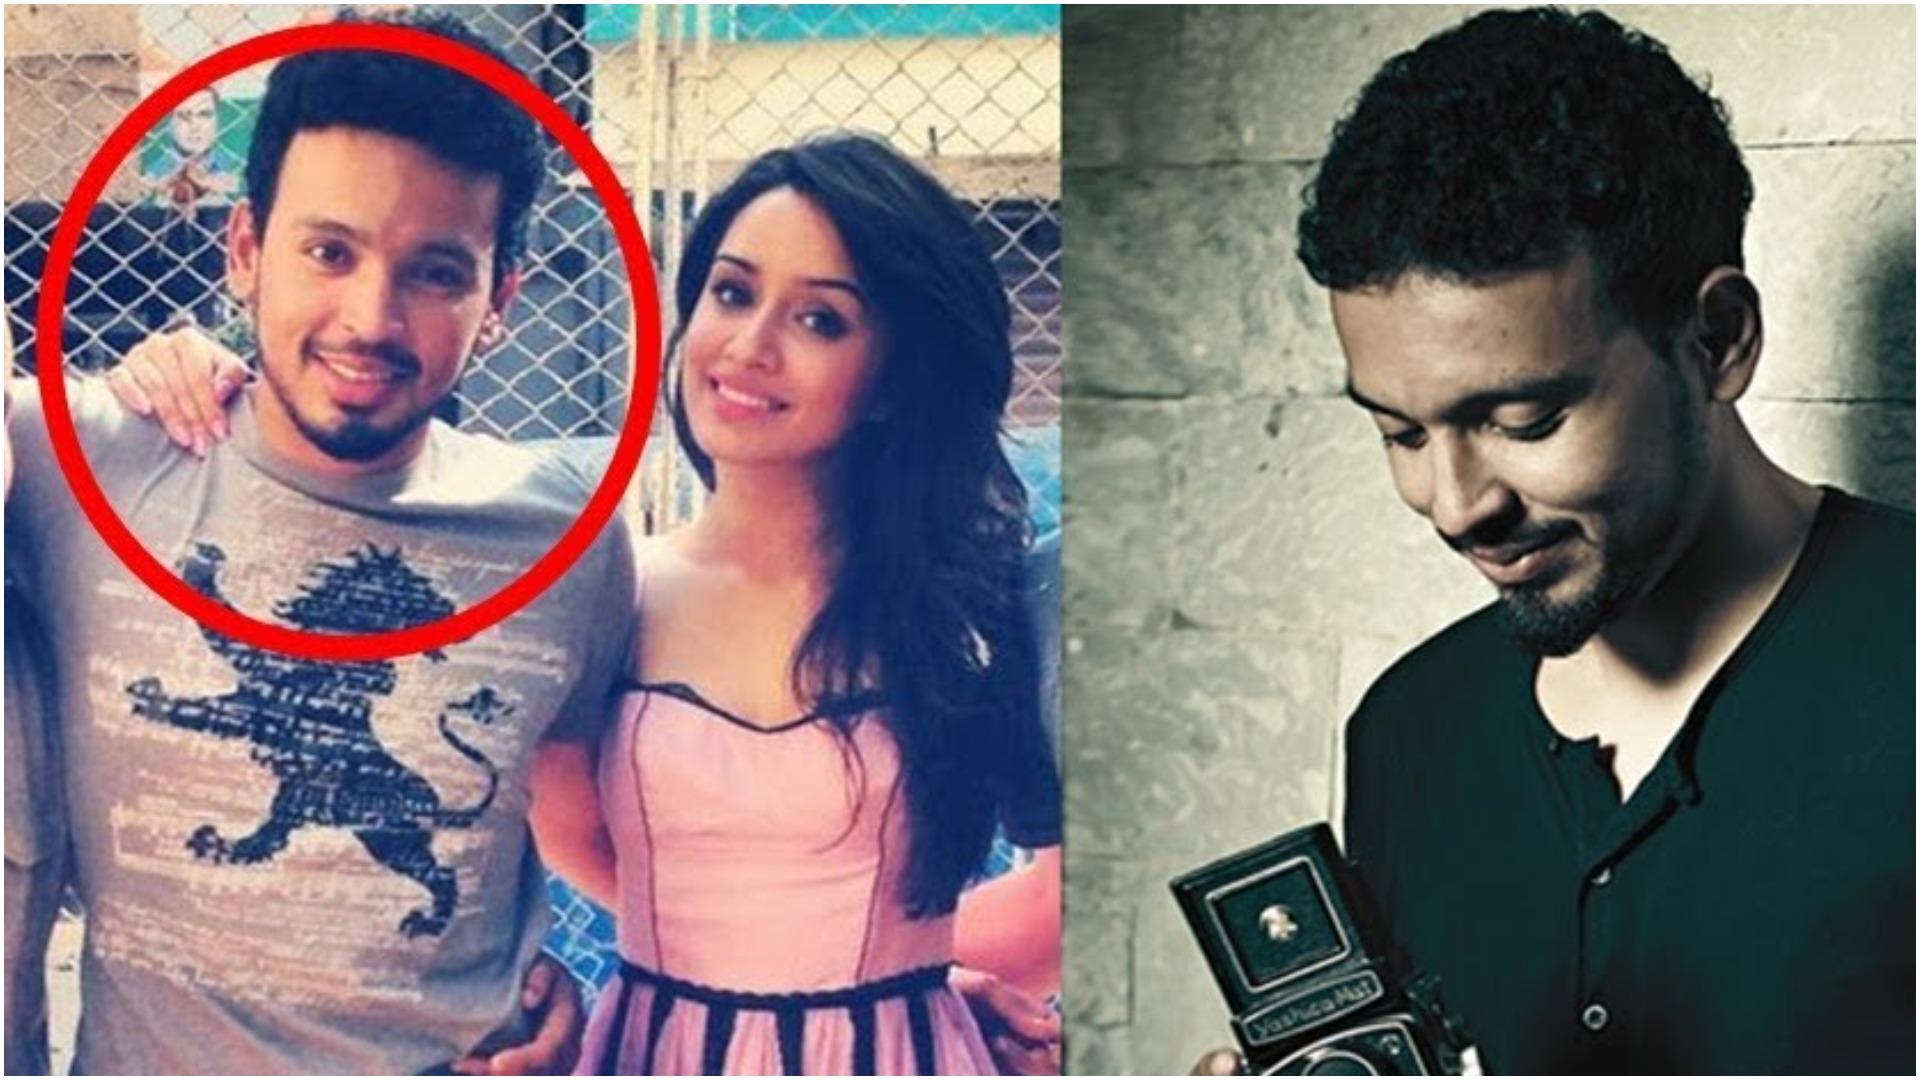 श्रद्धा कपूर ने नहीं किया है फरहान अख्तर को माफ़, बॉयफ्रेंड रोहन को किया इस बात के लिए मना